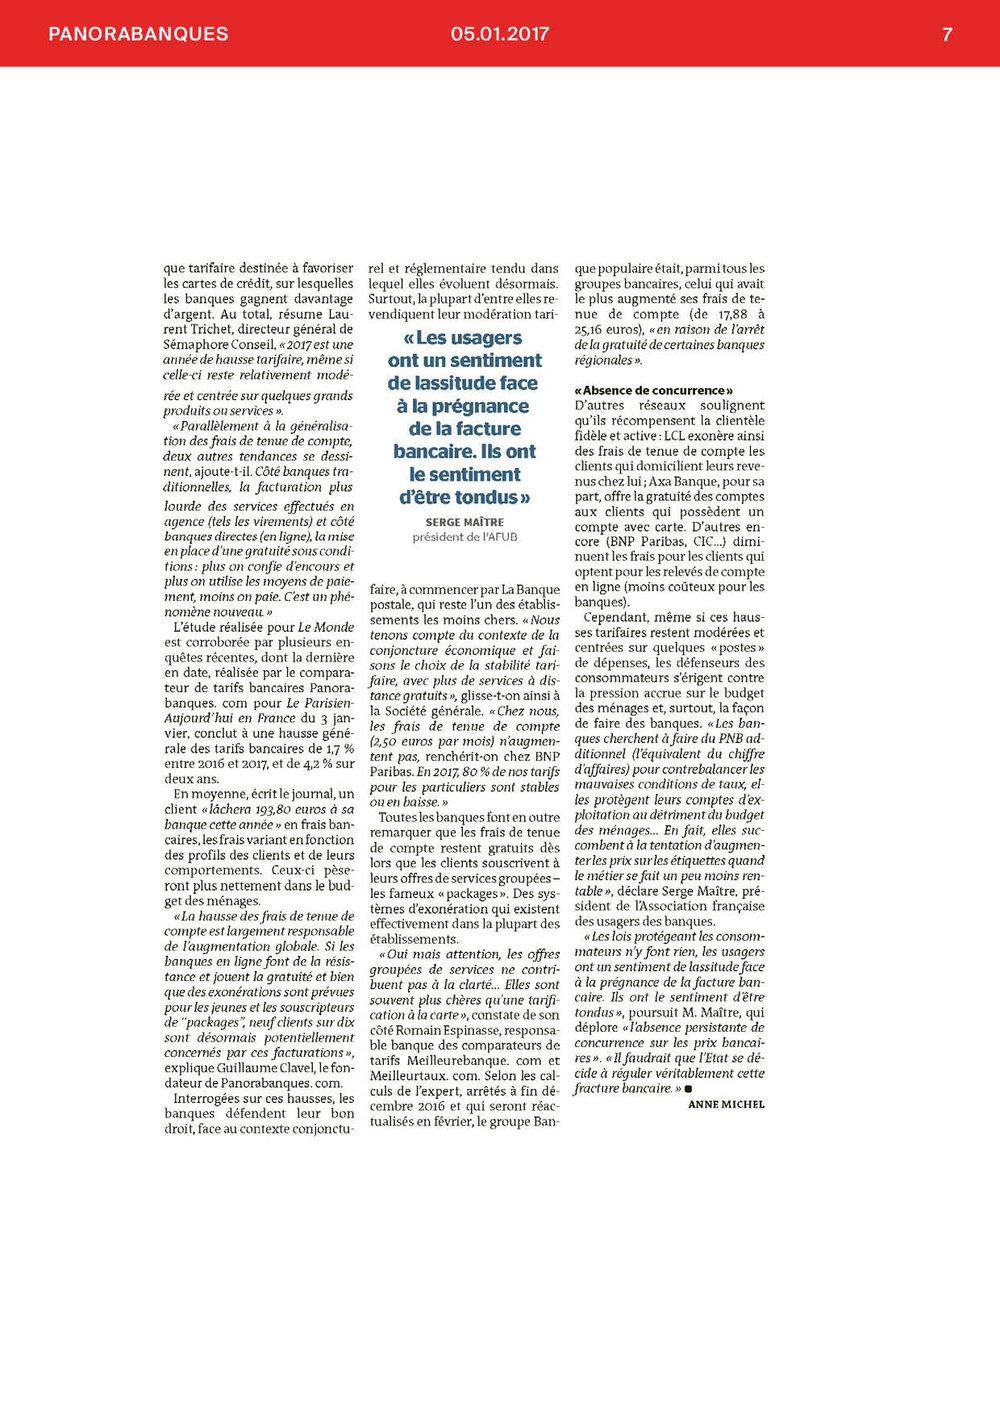 BOOKMEDIA_FEV_WEB7.jpg